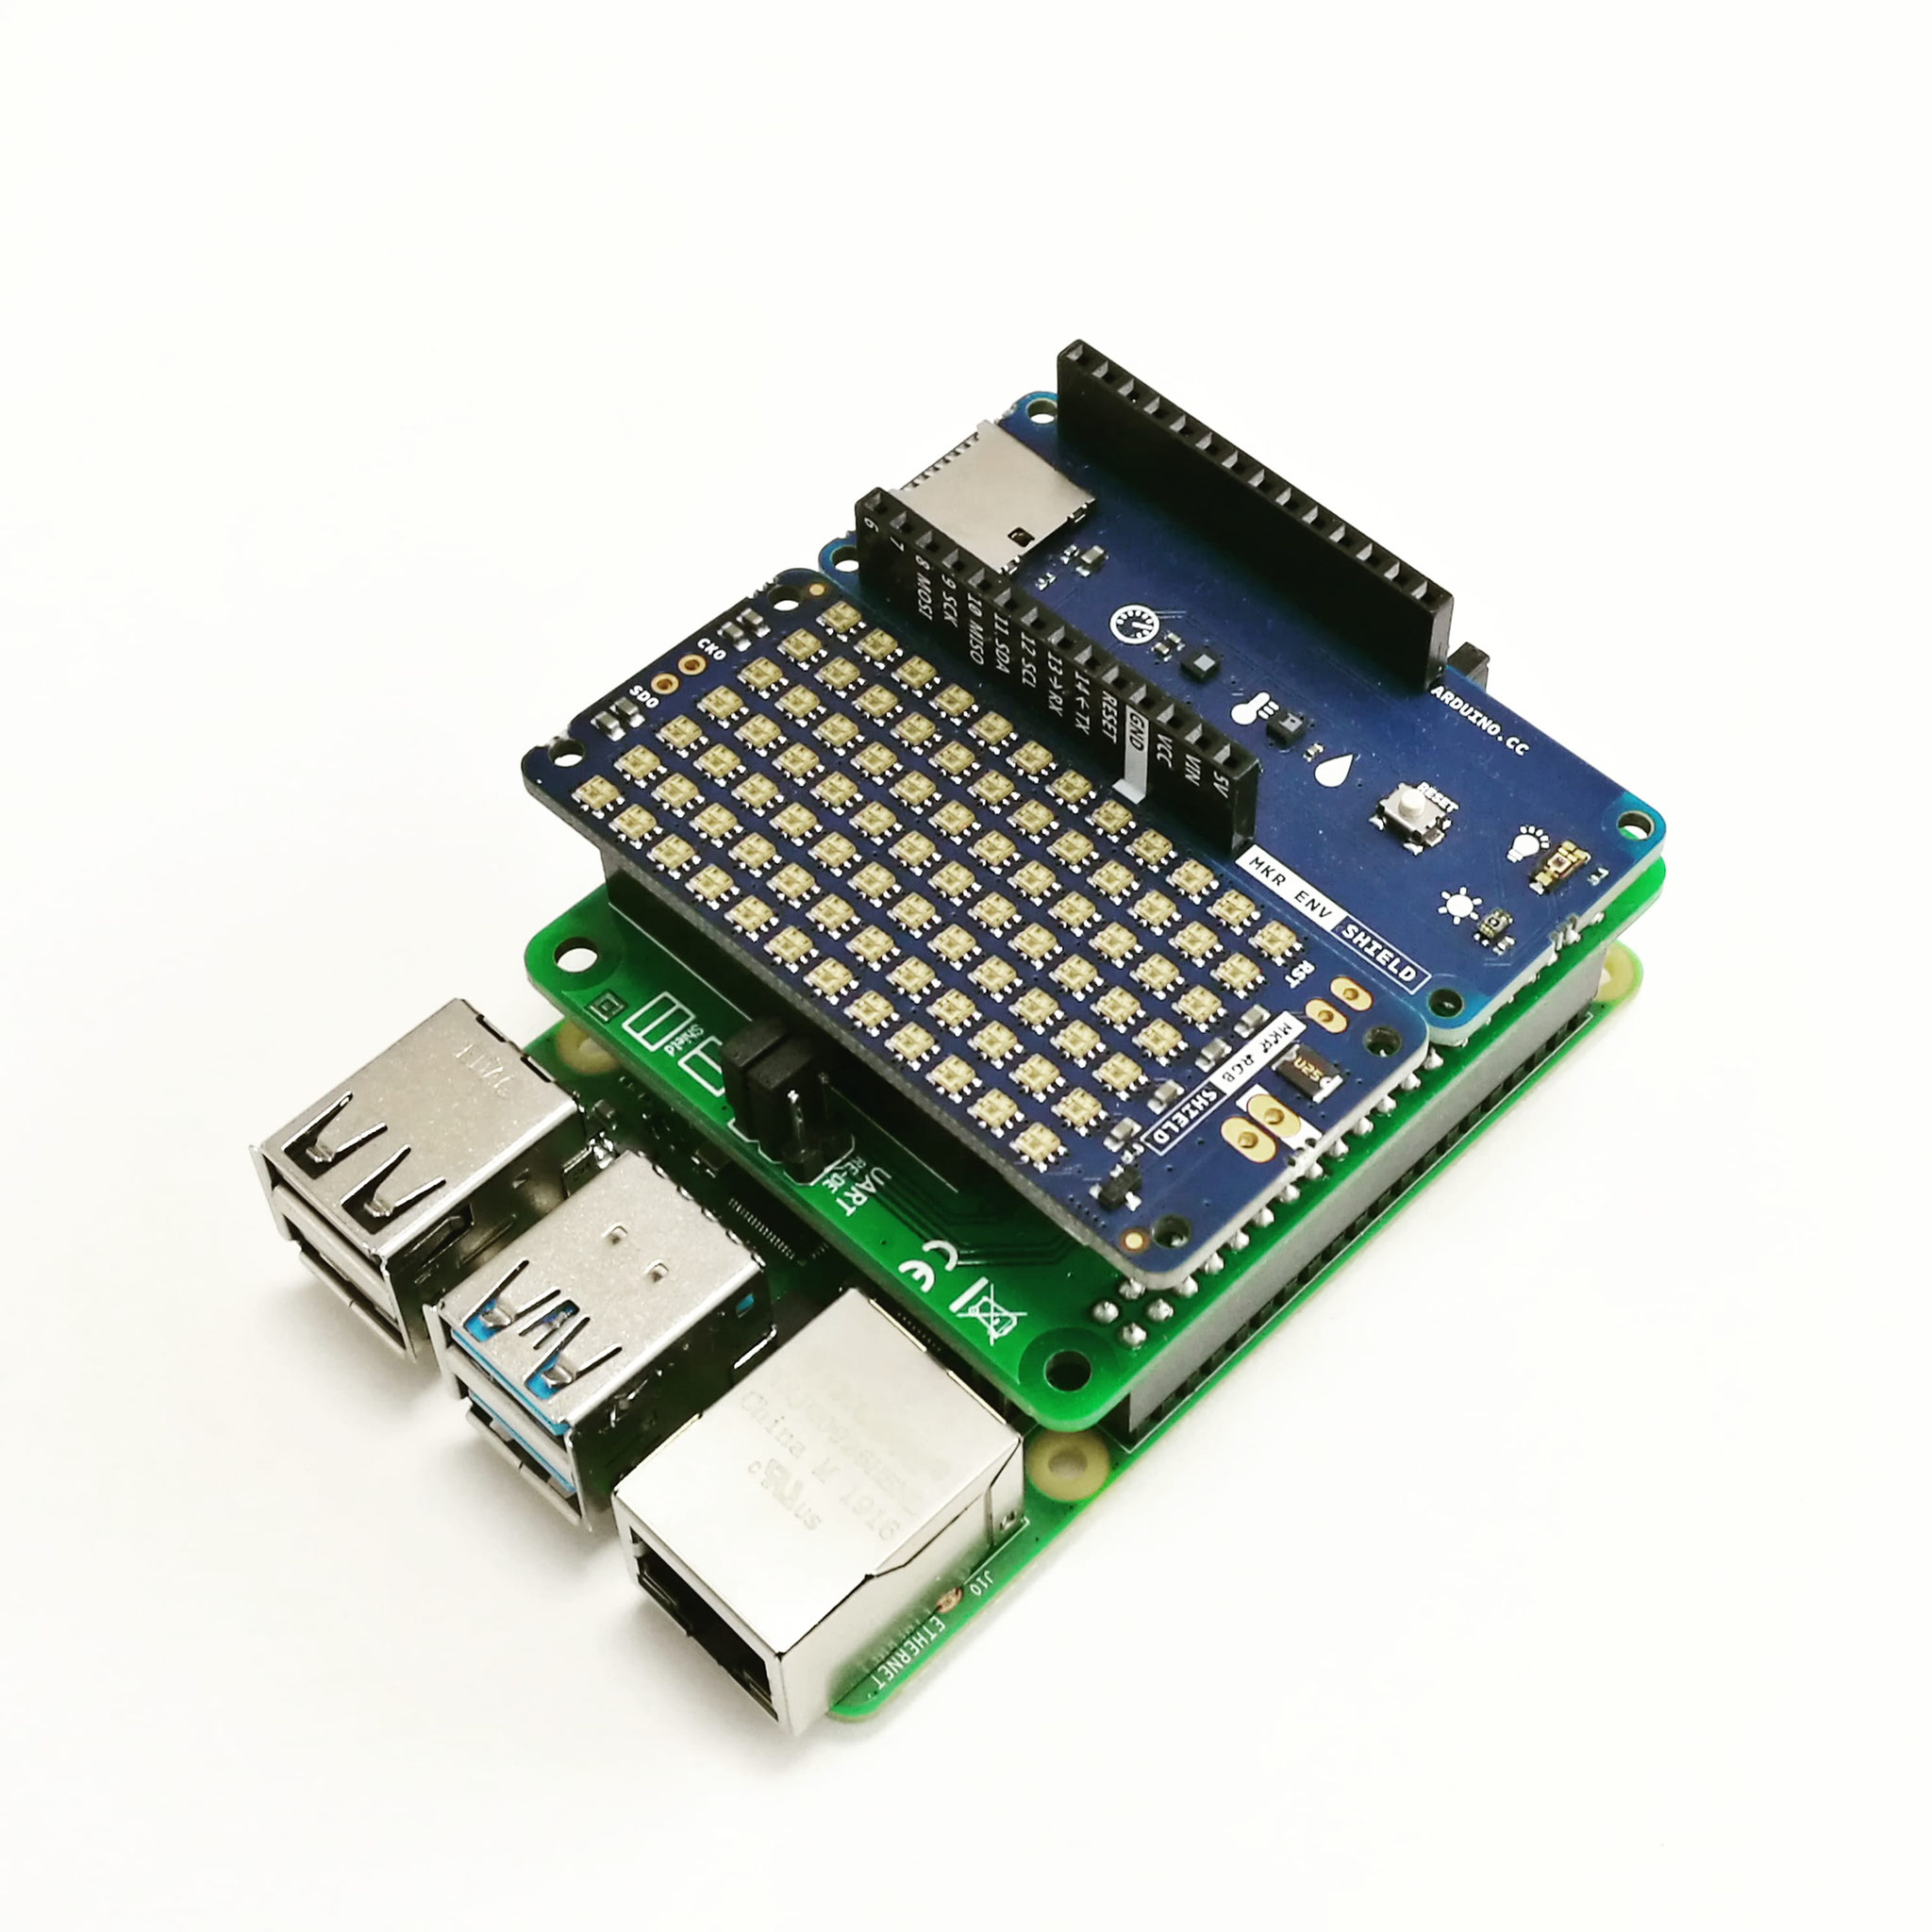 NEU: Arduino MKR Shields am Raspberry Pi verwenden